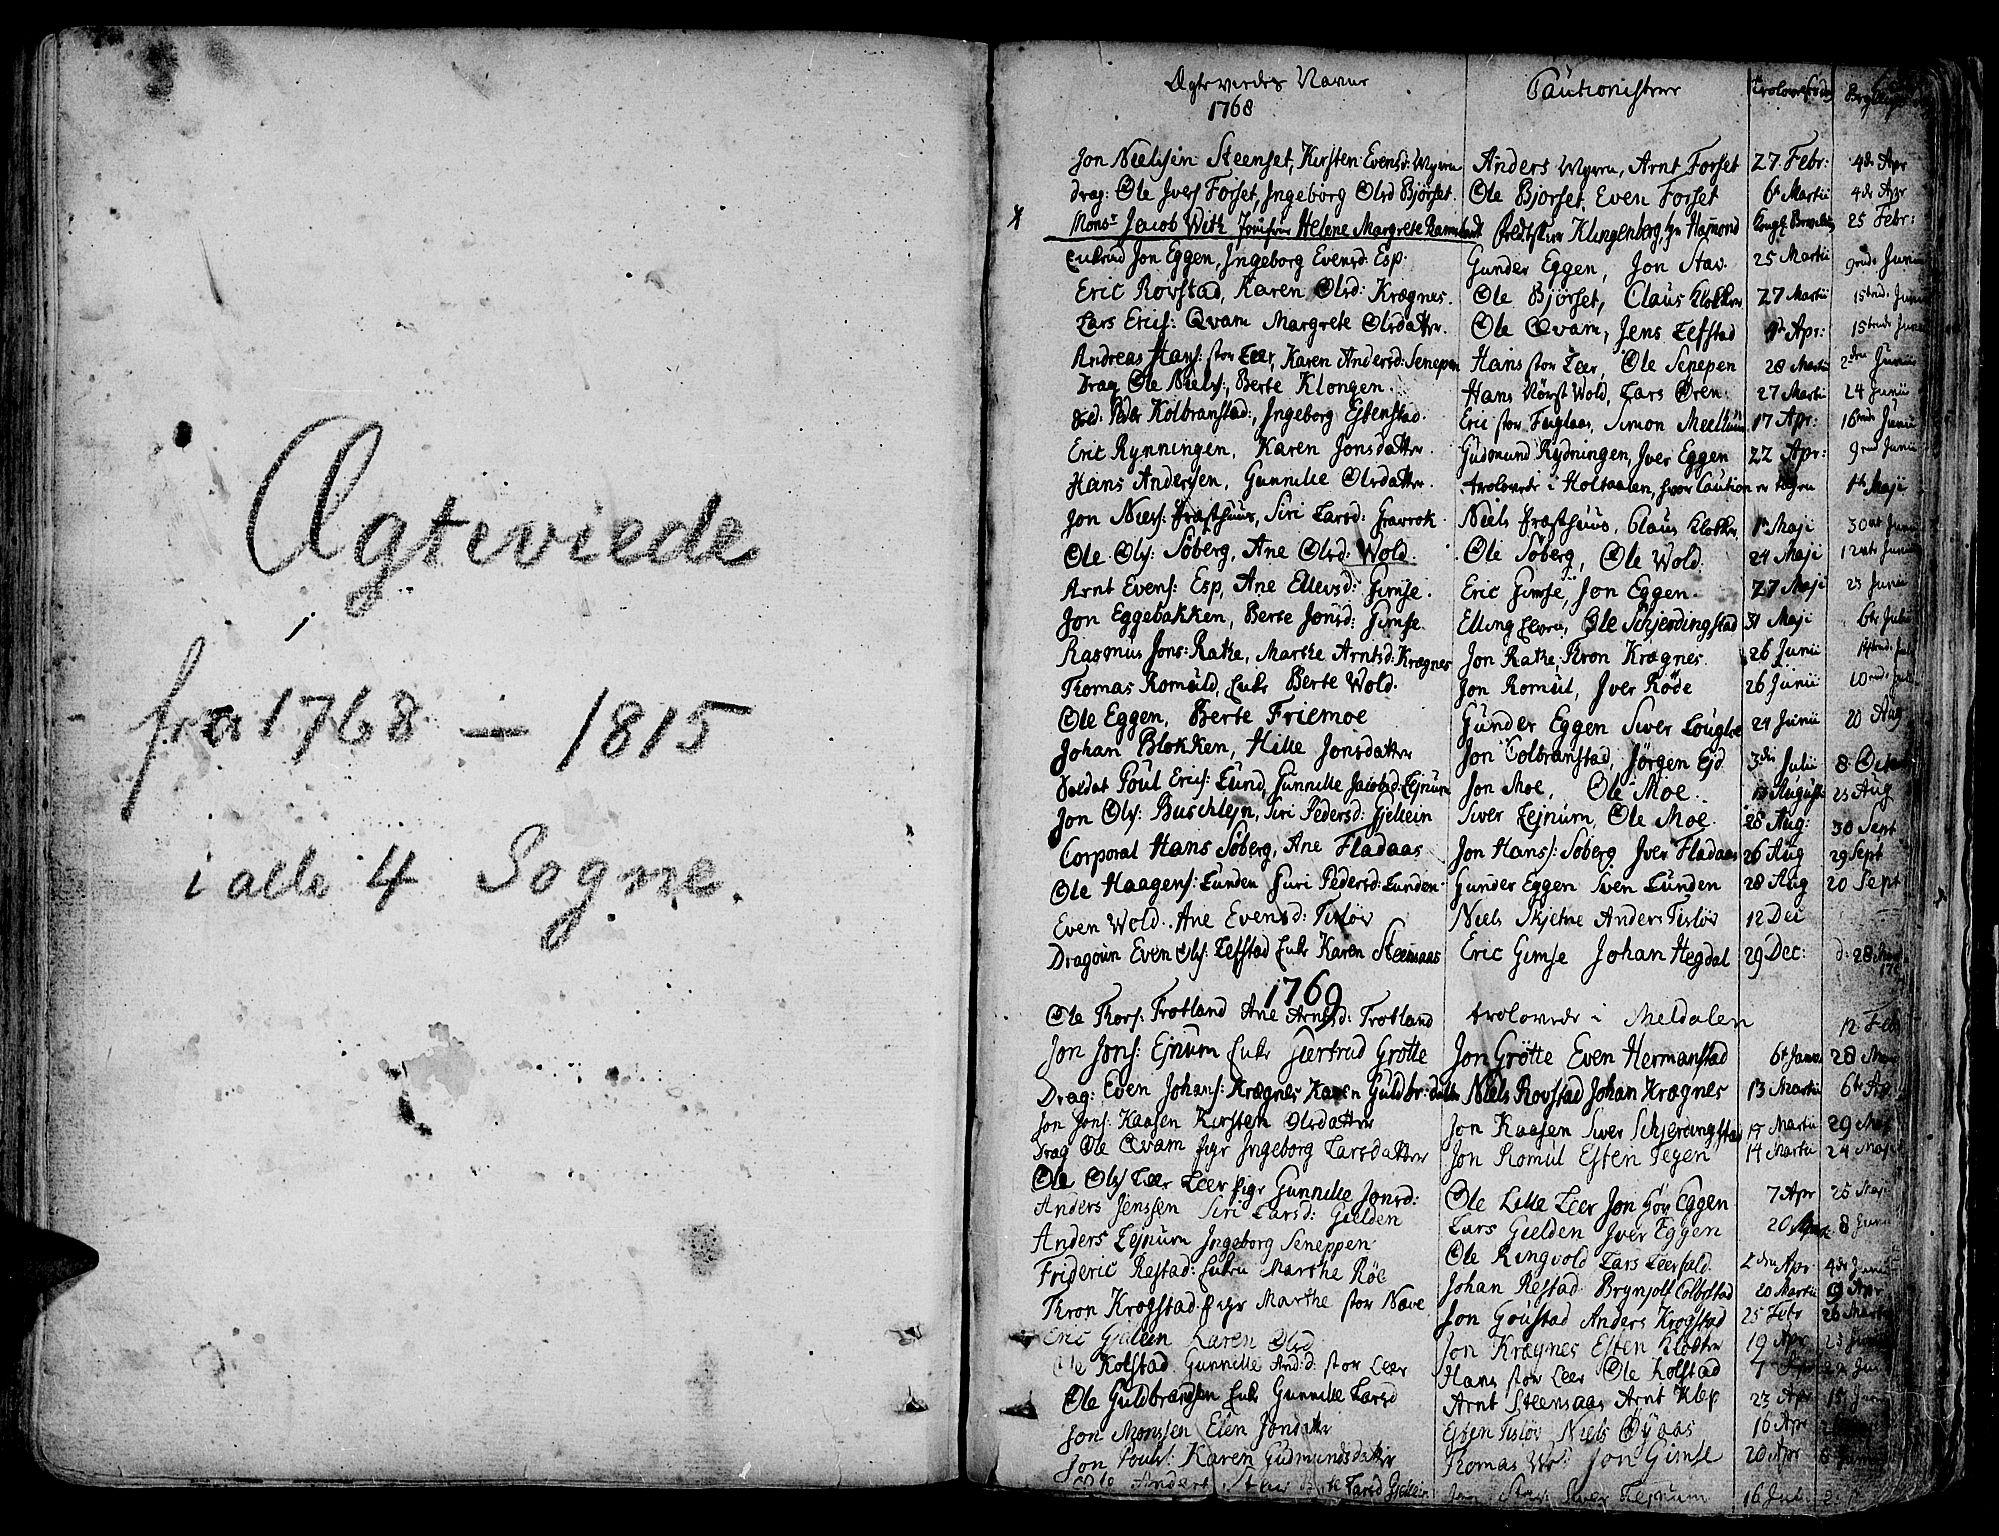 SAT, Ministerialprotokoller, klokkerbøker og fødselsregistre - Sør-Trøndelag, 691/L1061: Ministerialbok nr. 691A02 /1, 1768-1815, s. 180